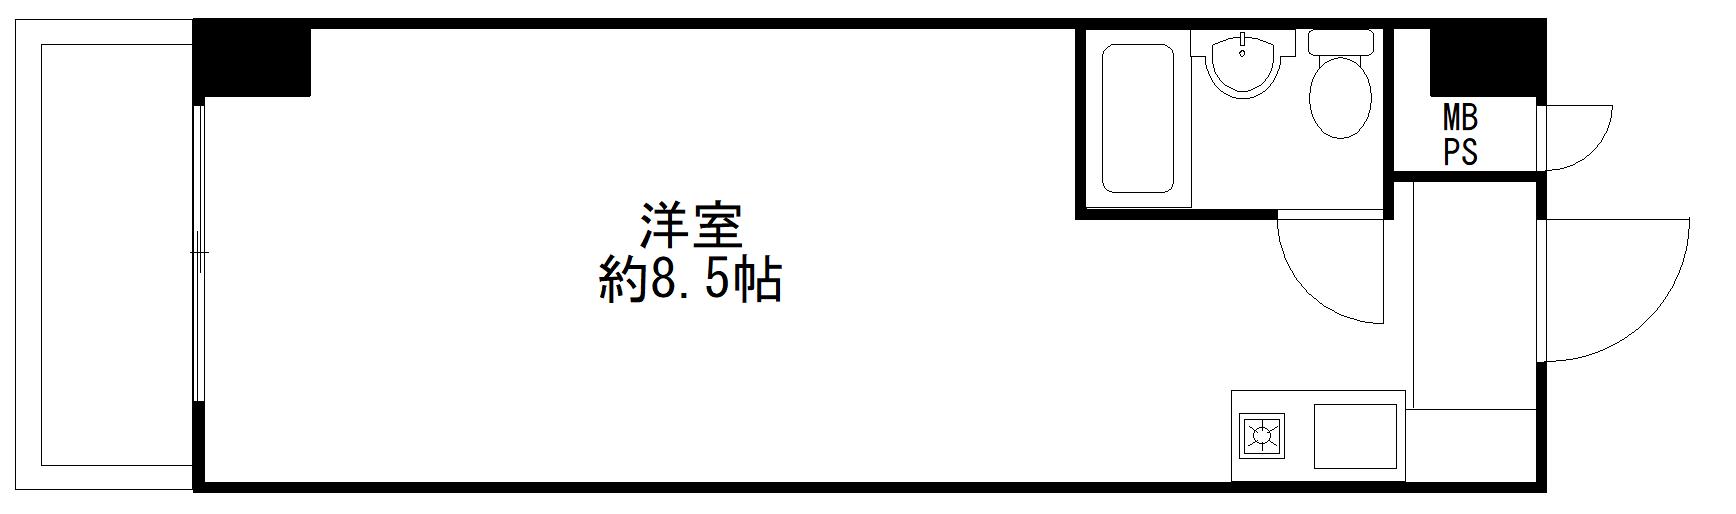 千代田区九段北1丁目 投資用区分マンション-間取り